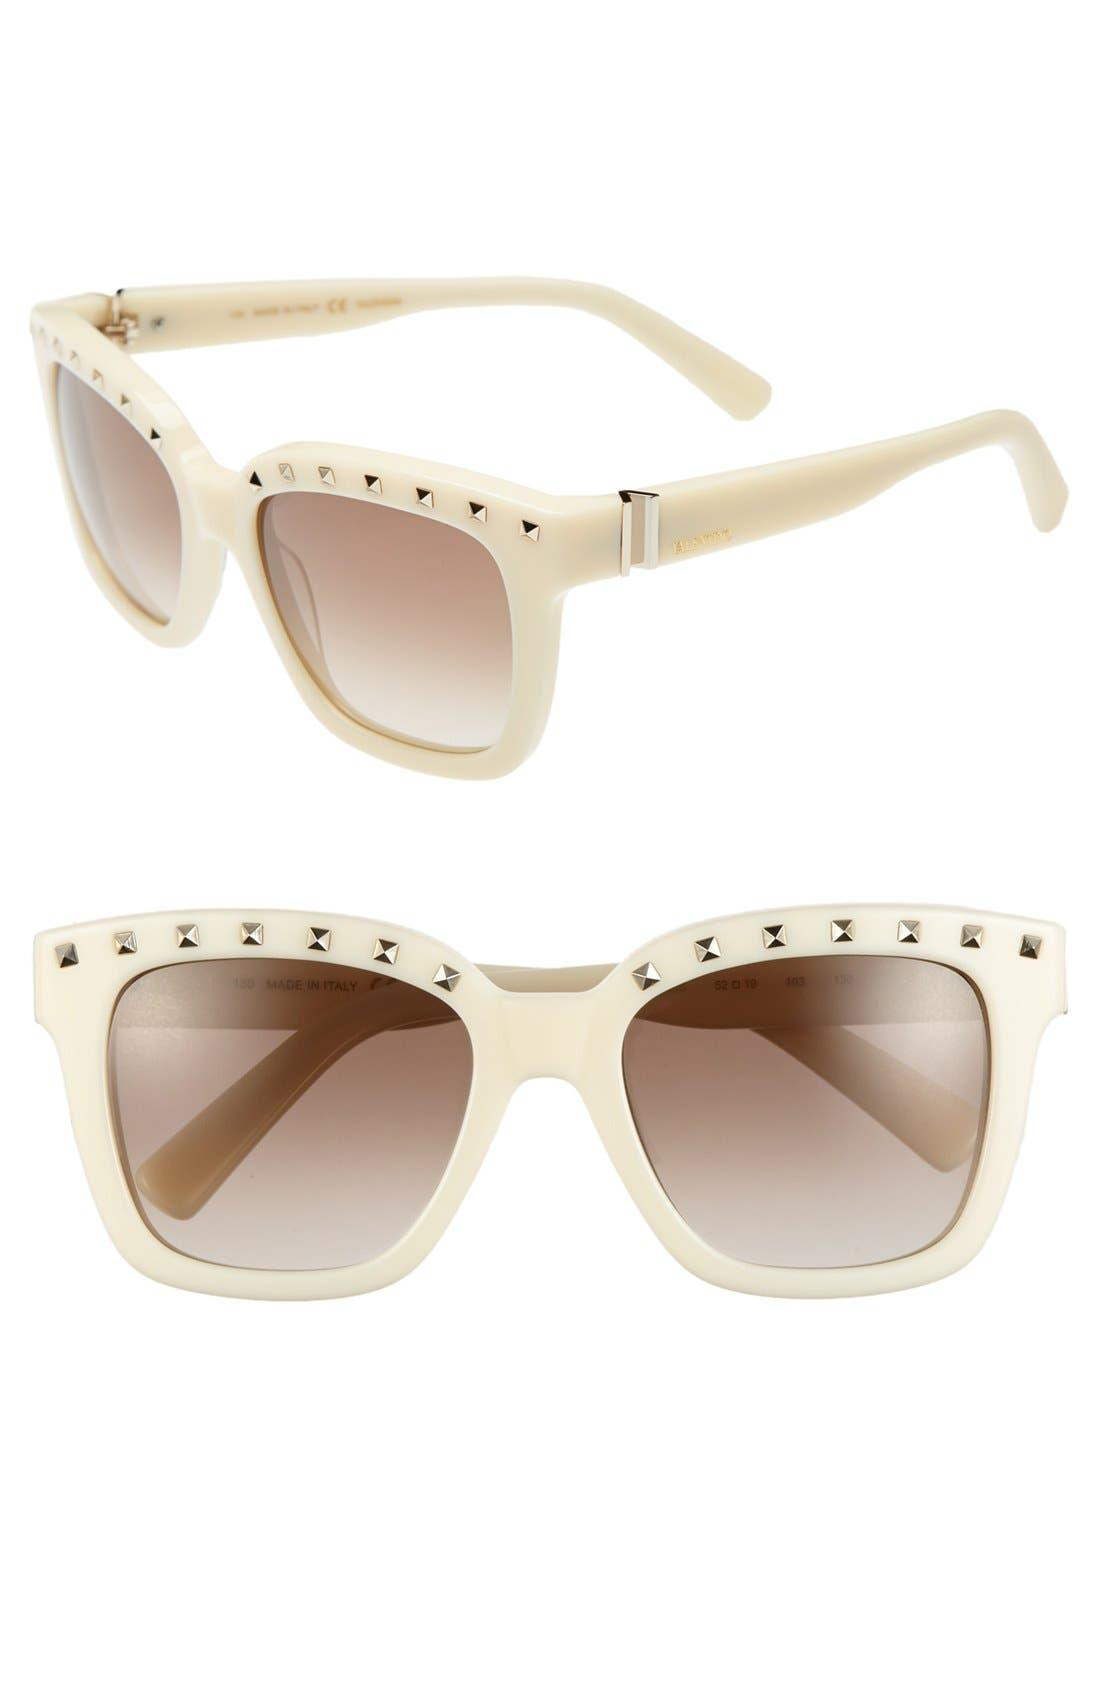 Alternate Image 1 Selected - Valentino 'Rockstud' 52mm Sunglasses